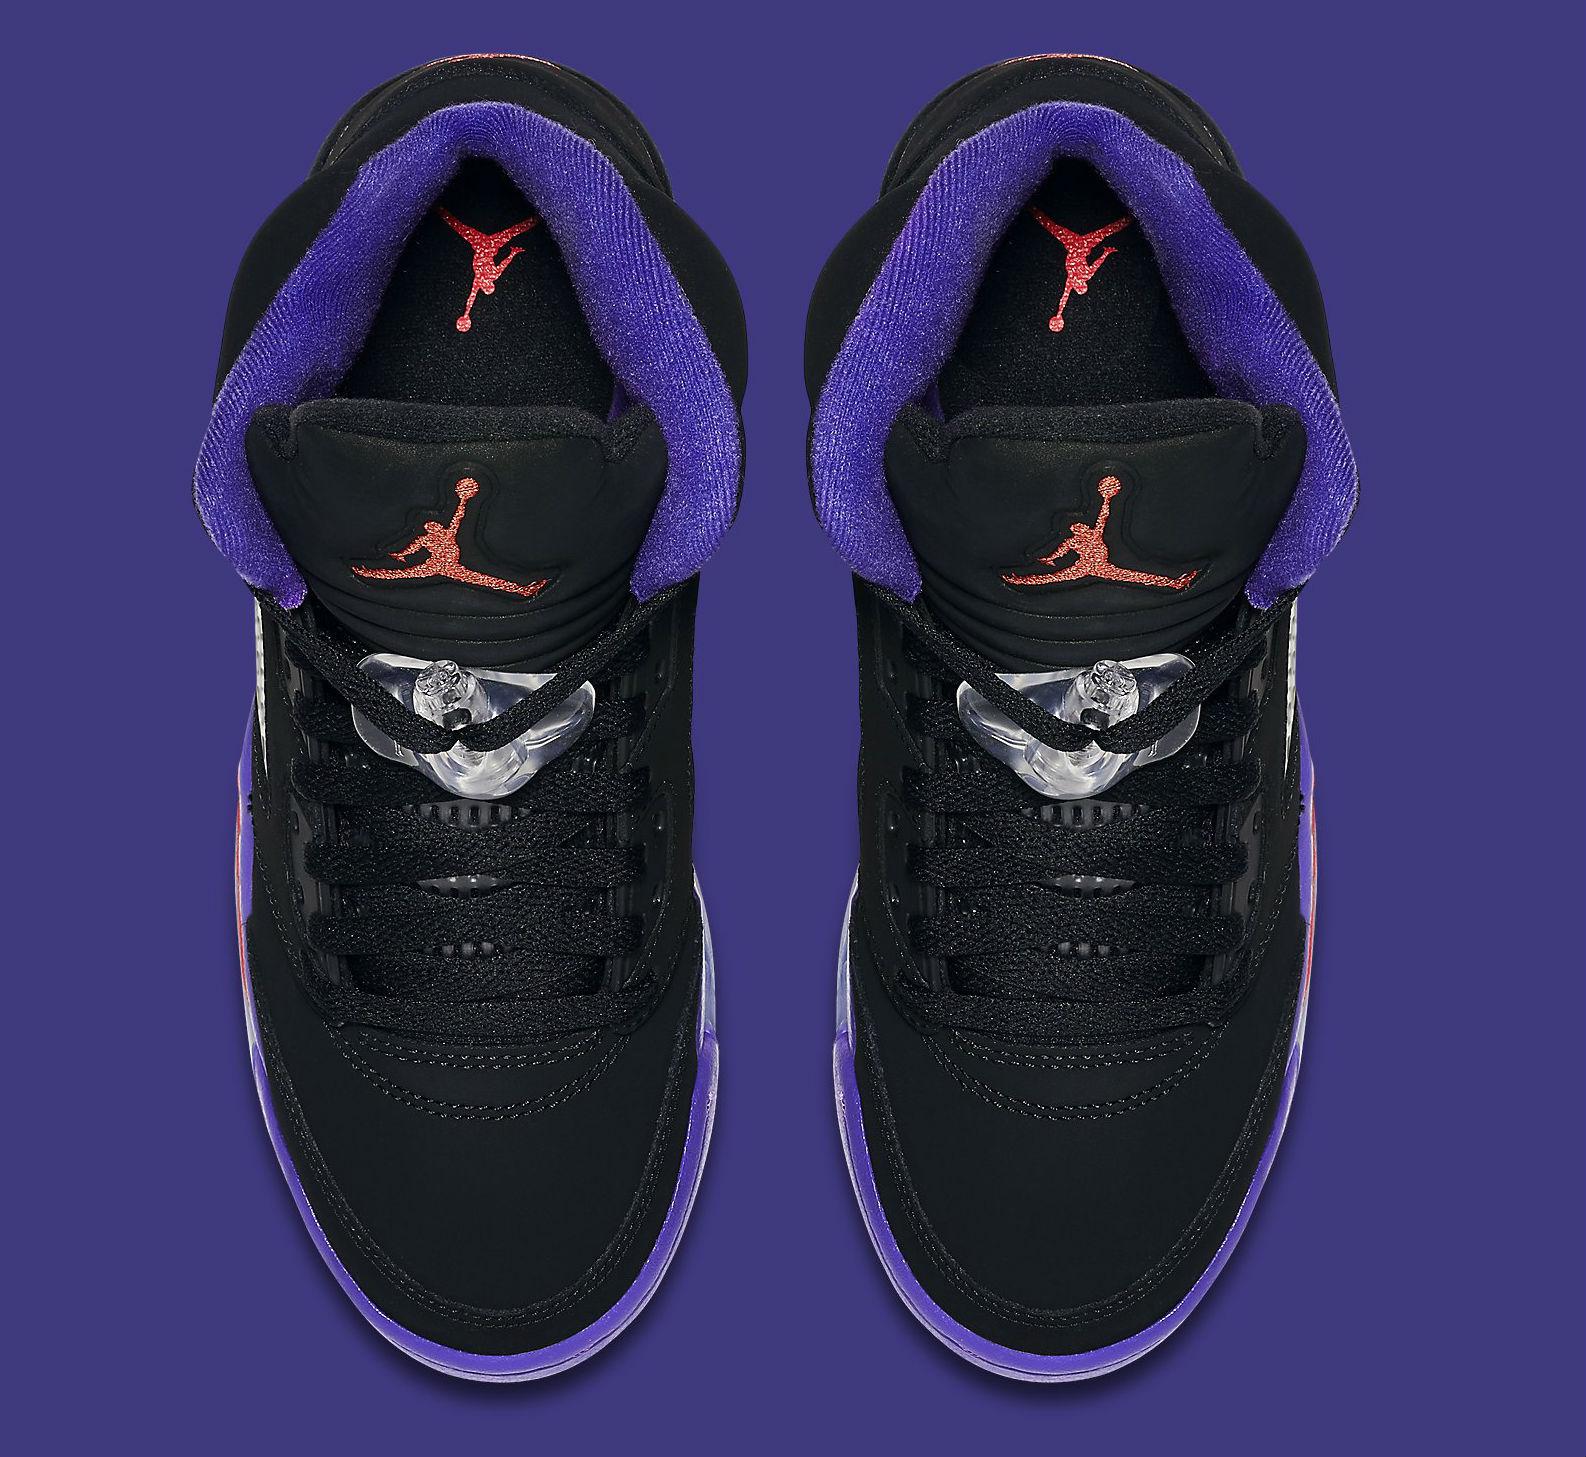 Air Jordan 5 GS Raptors Release Date Top 440893-017